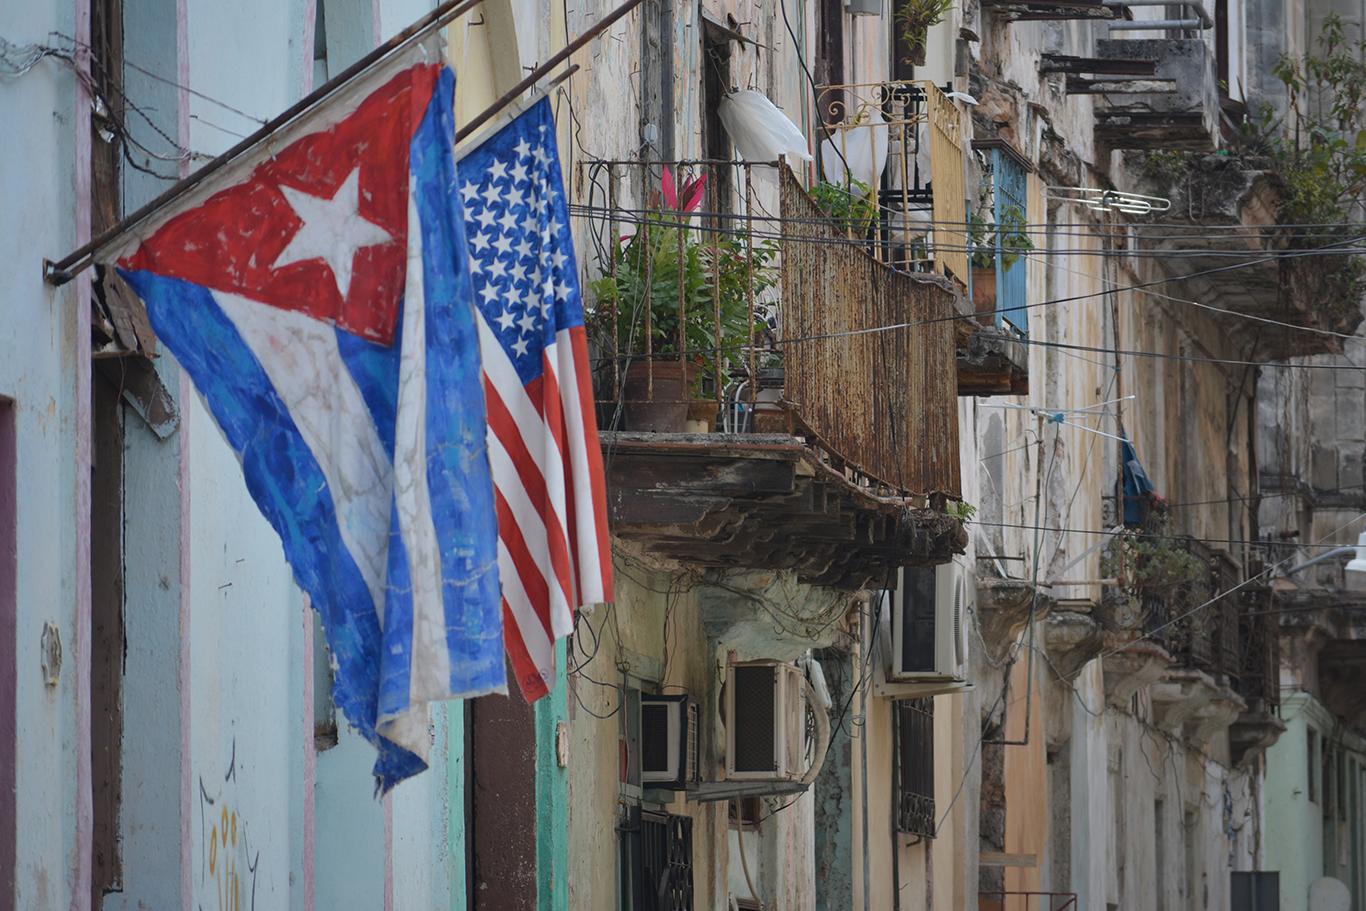 キューバの観光旅行おすすめスポット25選!世界遺産や名所など!